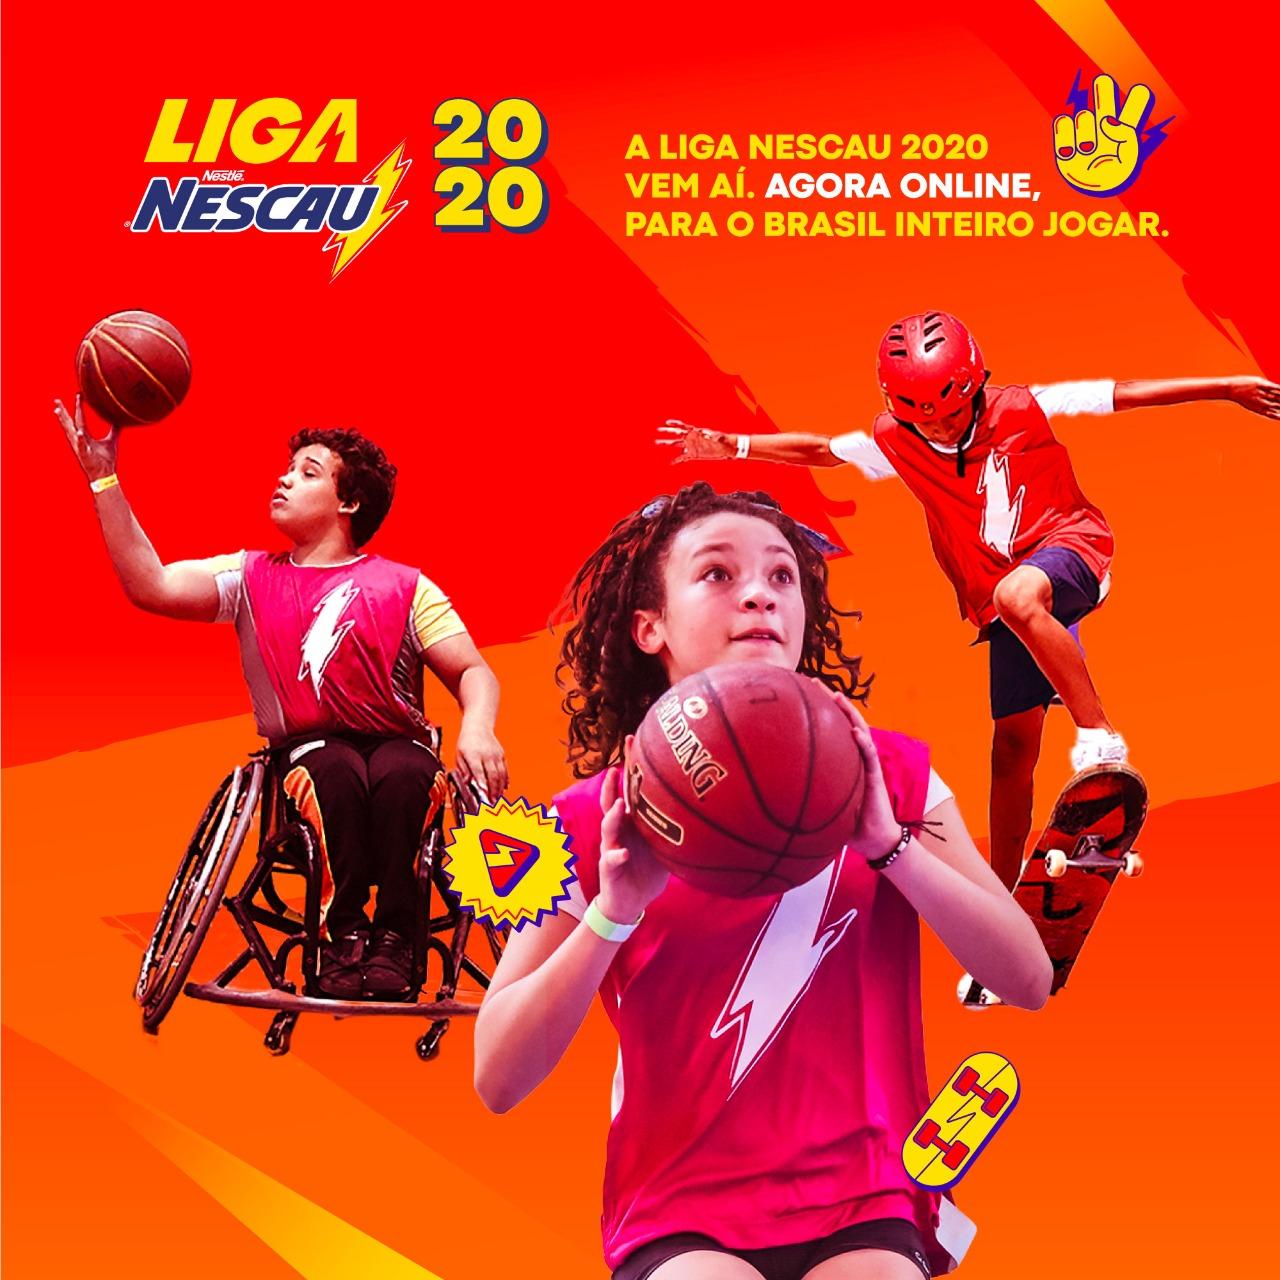 Pesquisa aponta que 72% das crianças brasileiras não fizeram atividade física durante isolamento